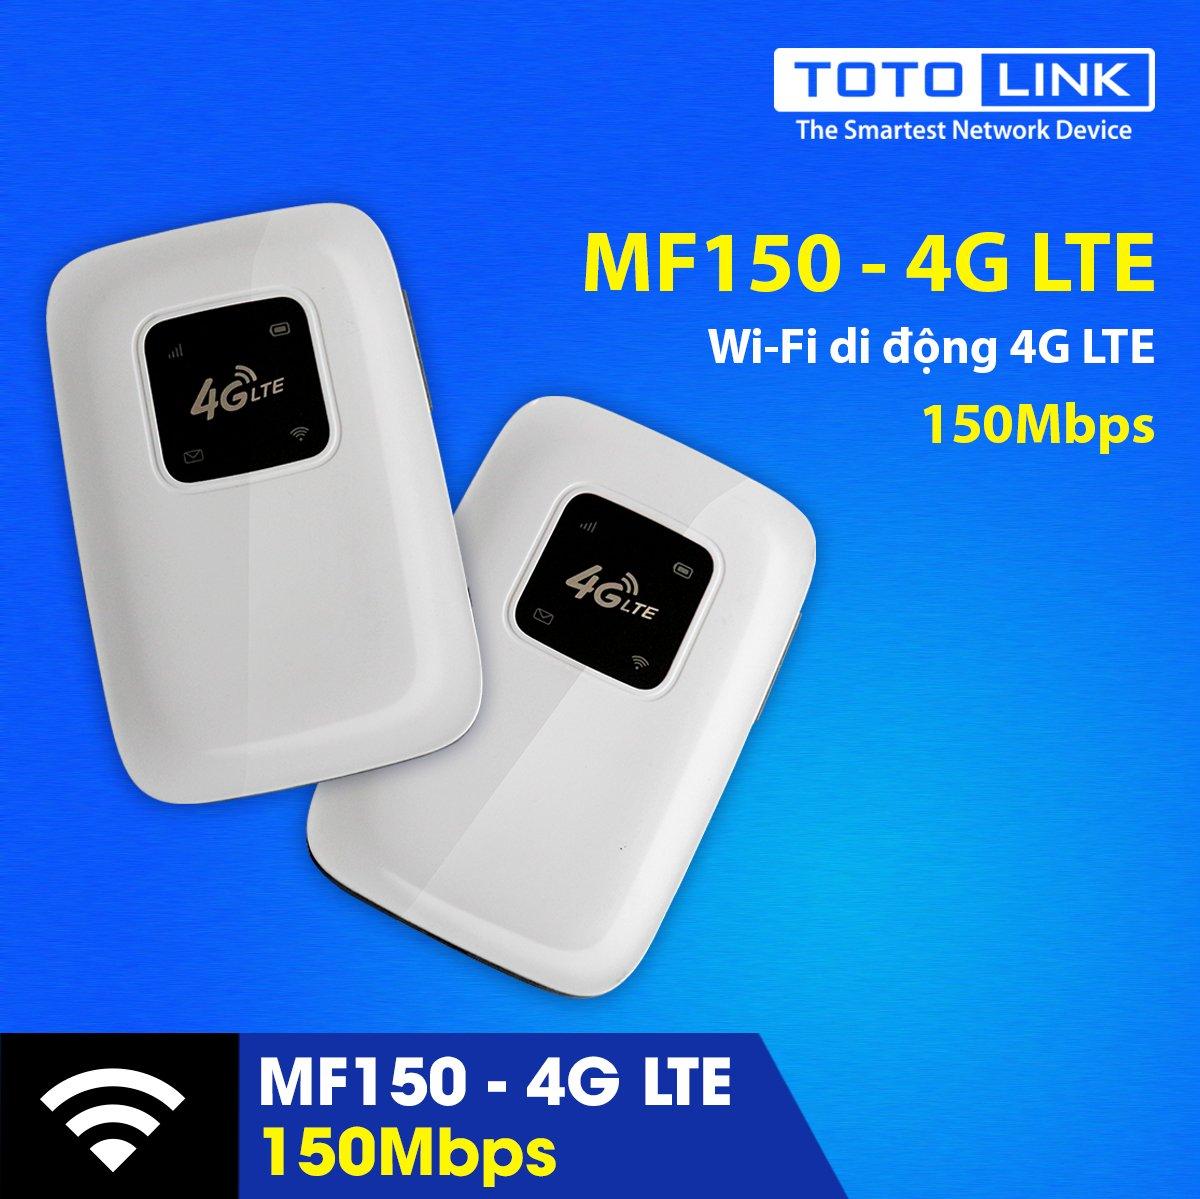 07_2019/MF150_-_Wi-Fi_di_YYng_4G_LTE_150Mbps.jpg